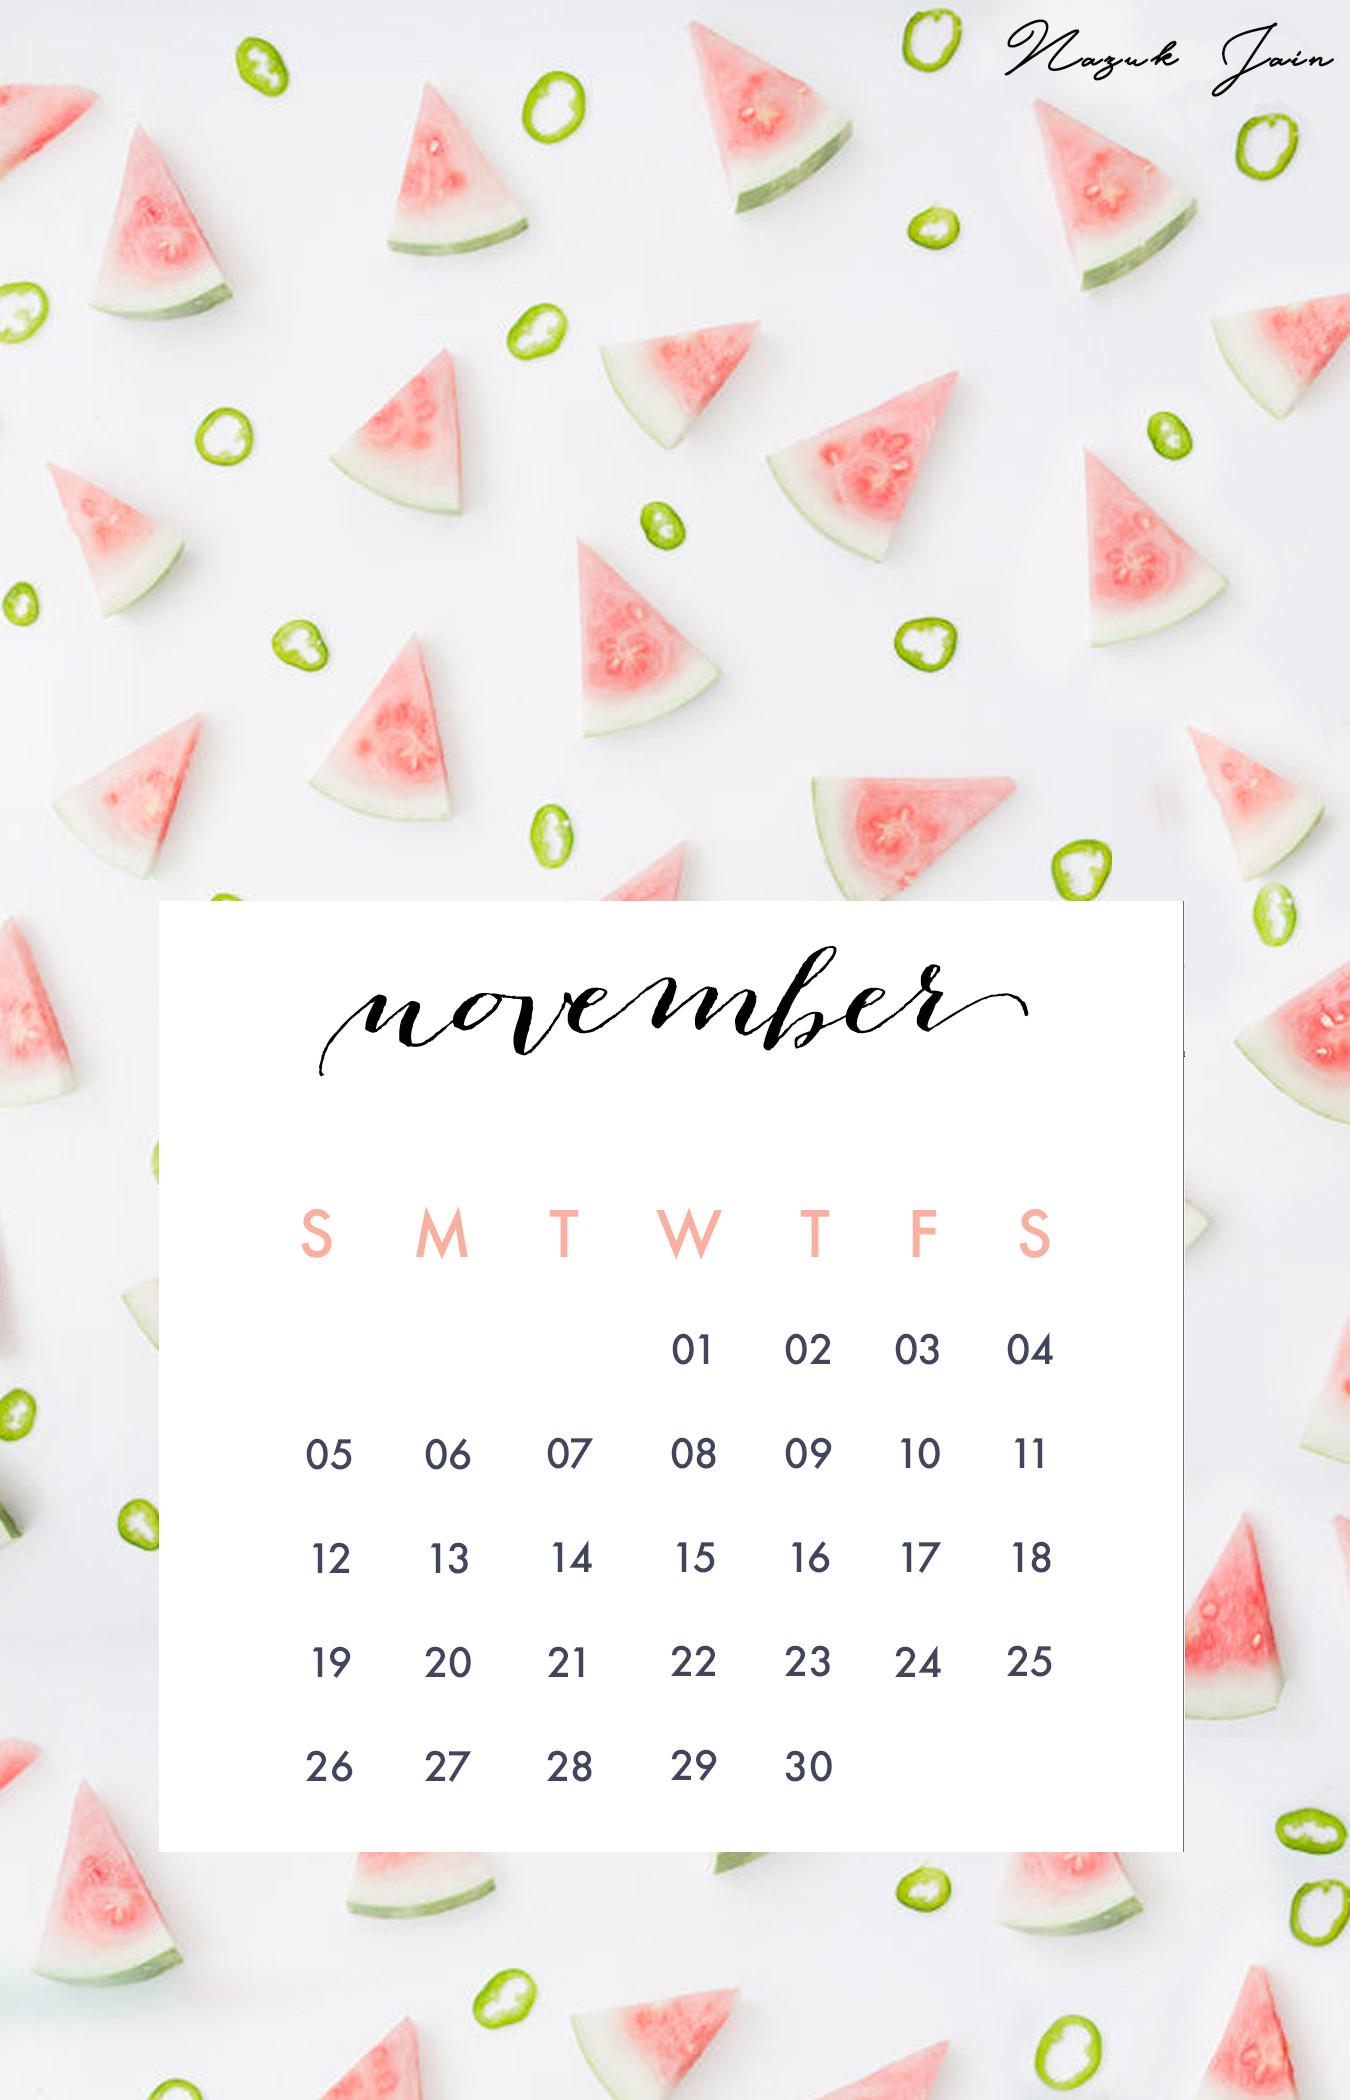 Desktop Wallpapers Calendar June 2018 52 images 1350x2100